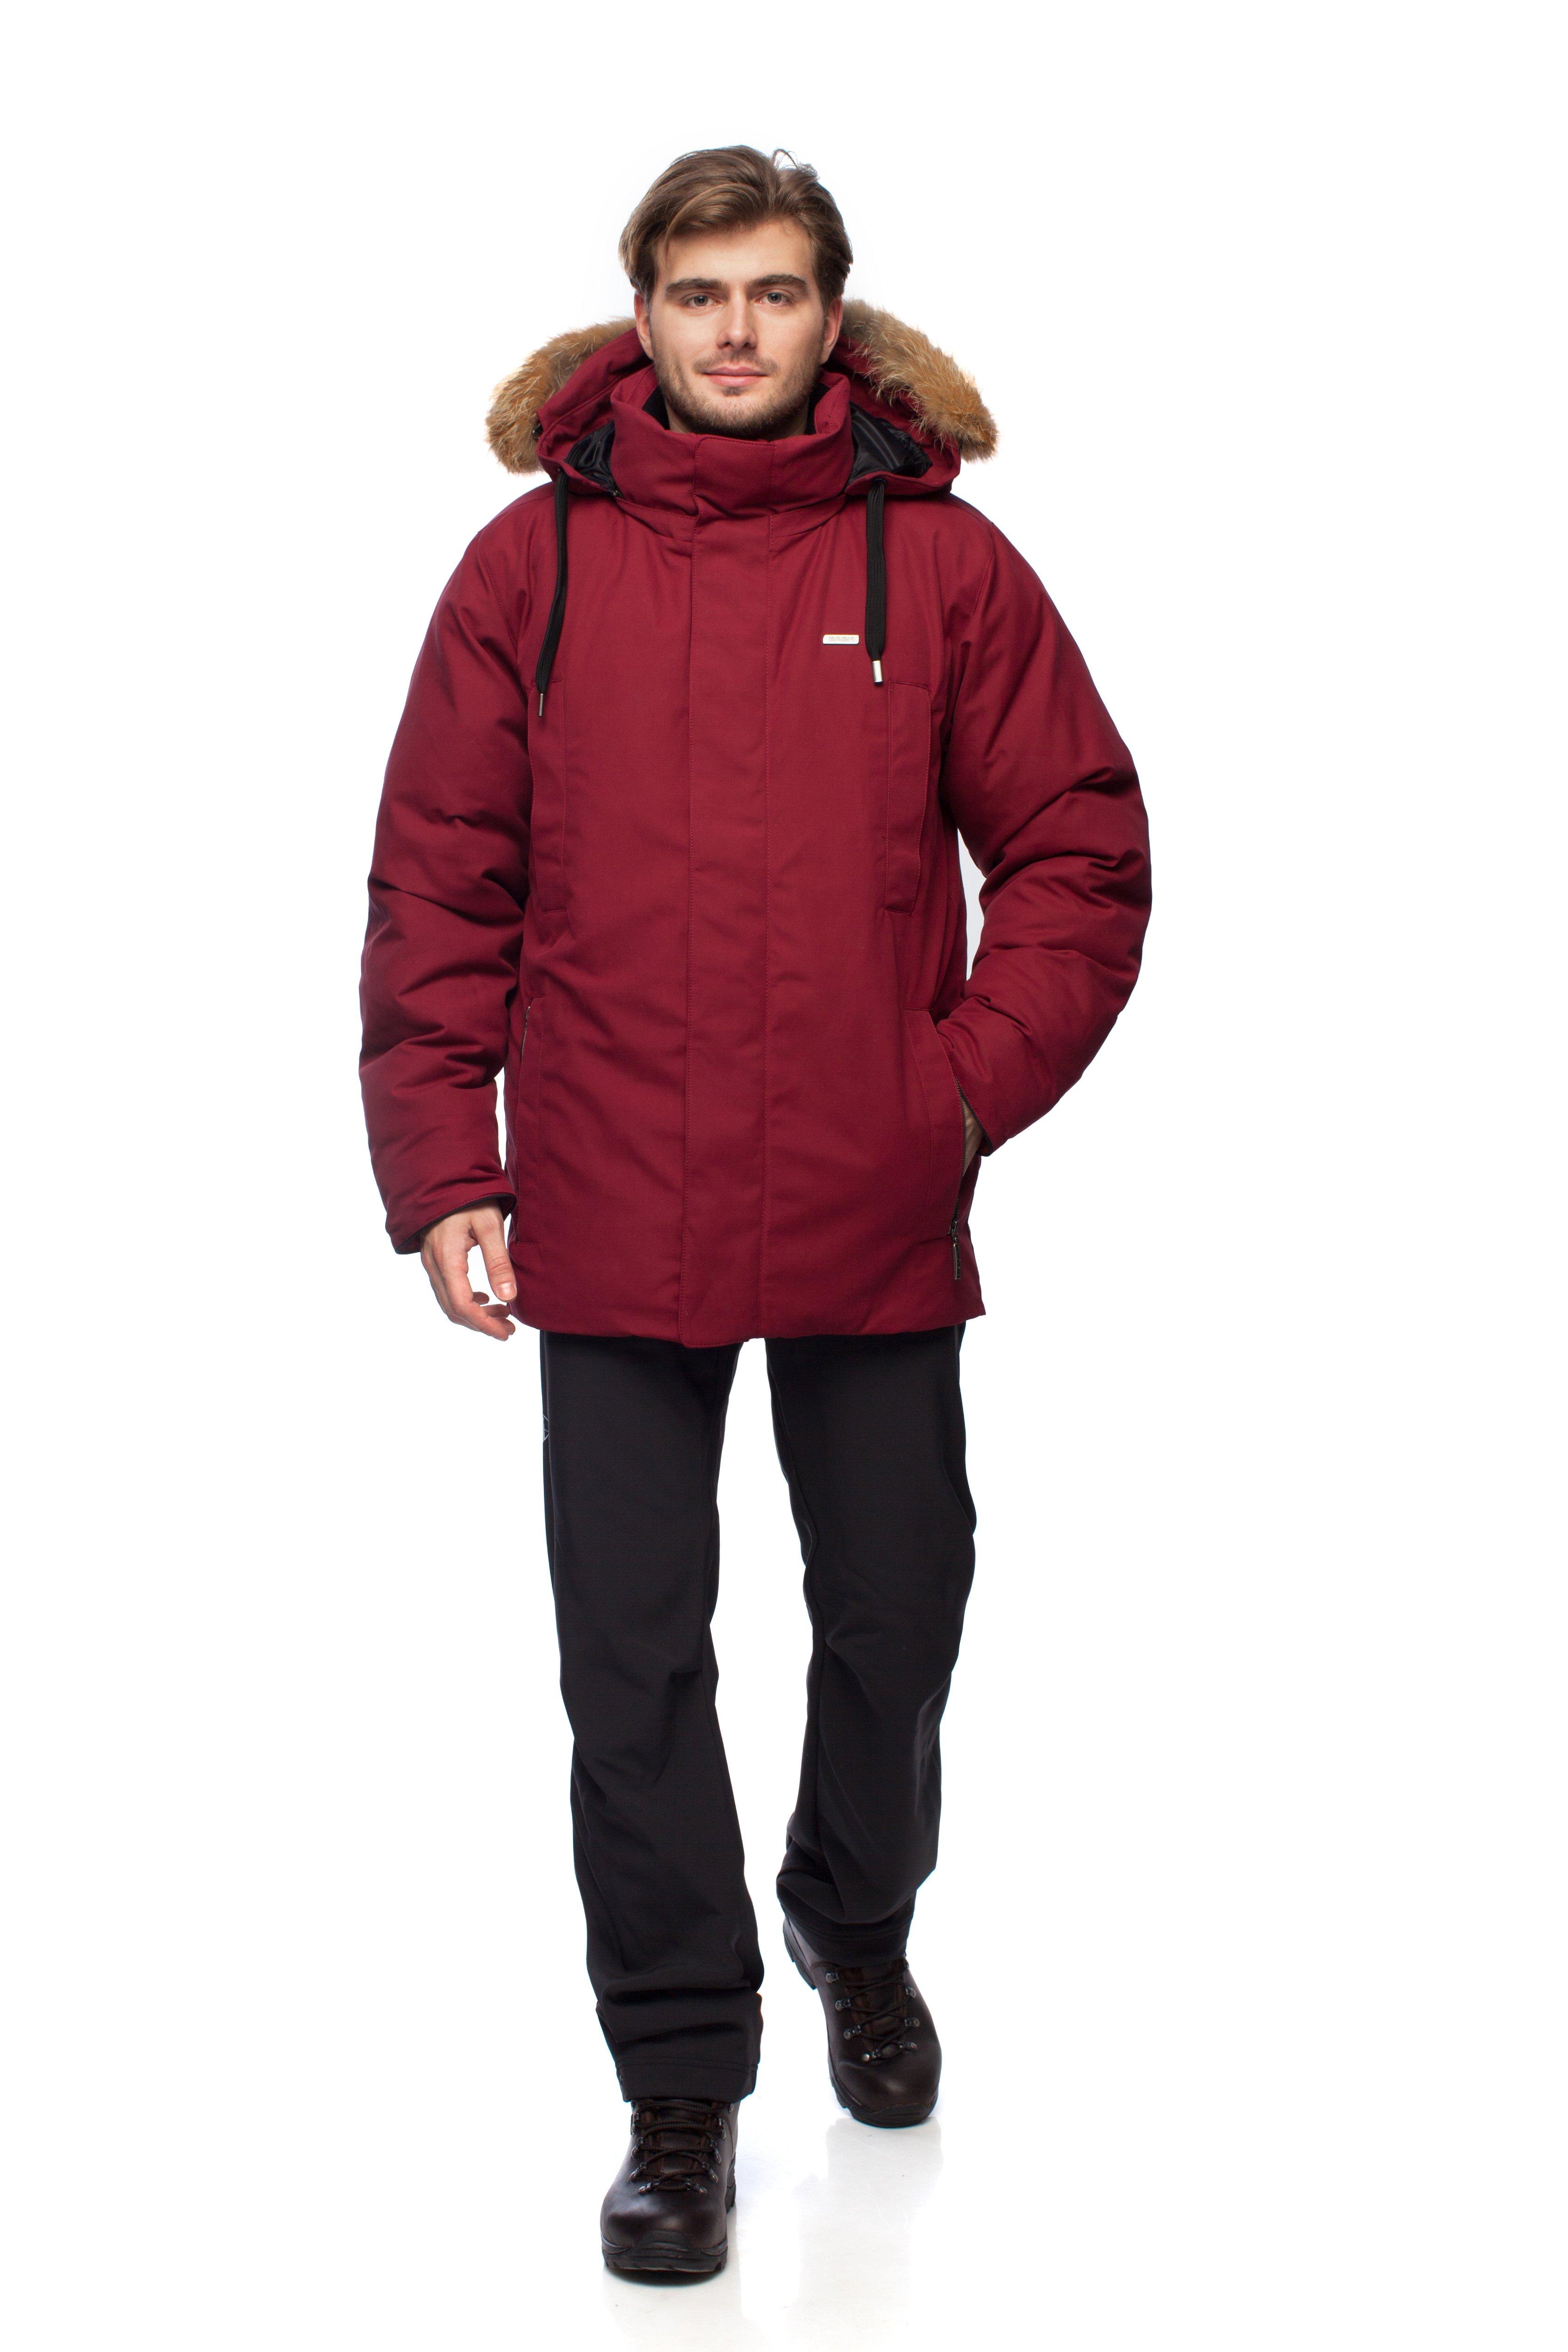 Пуховая куртка BASK ARGUT 1462Мужская пуховая куртка для городской зимы из коллекции Outdoor Spirit.&amp;nbsp;<br><br>&quot;Дышащие&quot; свойства: Да<br>Верхняя ткань: Nylon 50%, Cotton 50%, Teflon WR<br>Вес граммы: 1940<br>Вес утеплителя: 320<br>Ветро-влагозащитные свойства верхней ткани: Да<br>Ветрозащитная планка: Да<br>Ветрозащитная юбка: Да<br>Влагозащитные молнии: Нет<br>Внутренние манжеты: Да<br>Внутренняя ткань: Advance® Classic<br>Дублирующий центральную молнию клапан: Да<br>Защитный козырёк капюшона: Нет<br>Капюшон: Съемный<br>Карман для средств связи: Нет<br>Количество внешних карманов: 4<br>Количество внутренних карманов: 2<br>Коллекция: OutDoor Spirit<br>Мембрана: Нет<br>Объемный крой локтевой зоны: Нет<br>Отстёгивающиеся рукава: Нет<br>Показатель Fill Power (для пуховых изделий): 650<br>Пол: Мужской<br>Проклейка швов: Нет<br>Регулировка манжетов рукавов: Нет<br>Регулировка низа: Нет<br>Регулировка объёма капюшона: Да<br>Регулировка талии: Да<br>Регулируемые вентиляционные отверстия: Нет<br>Световозвращающая лента: Нет<br>Температурный режим: -25<br>Технология Thermal Welding: Нет<br>Технология швов: Простые<br>Тип молнии: Двухзамковая<br>Тип утеплителя: Натуральный<br>Ткань усиления: Нет<br>Усиление контактных зон: Нет<br>Утеплитель: Гусиный пух<br>Размер RU: 56<br>Цвет: СИНИЙ